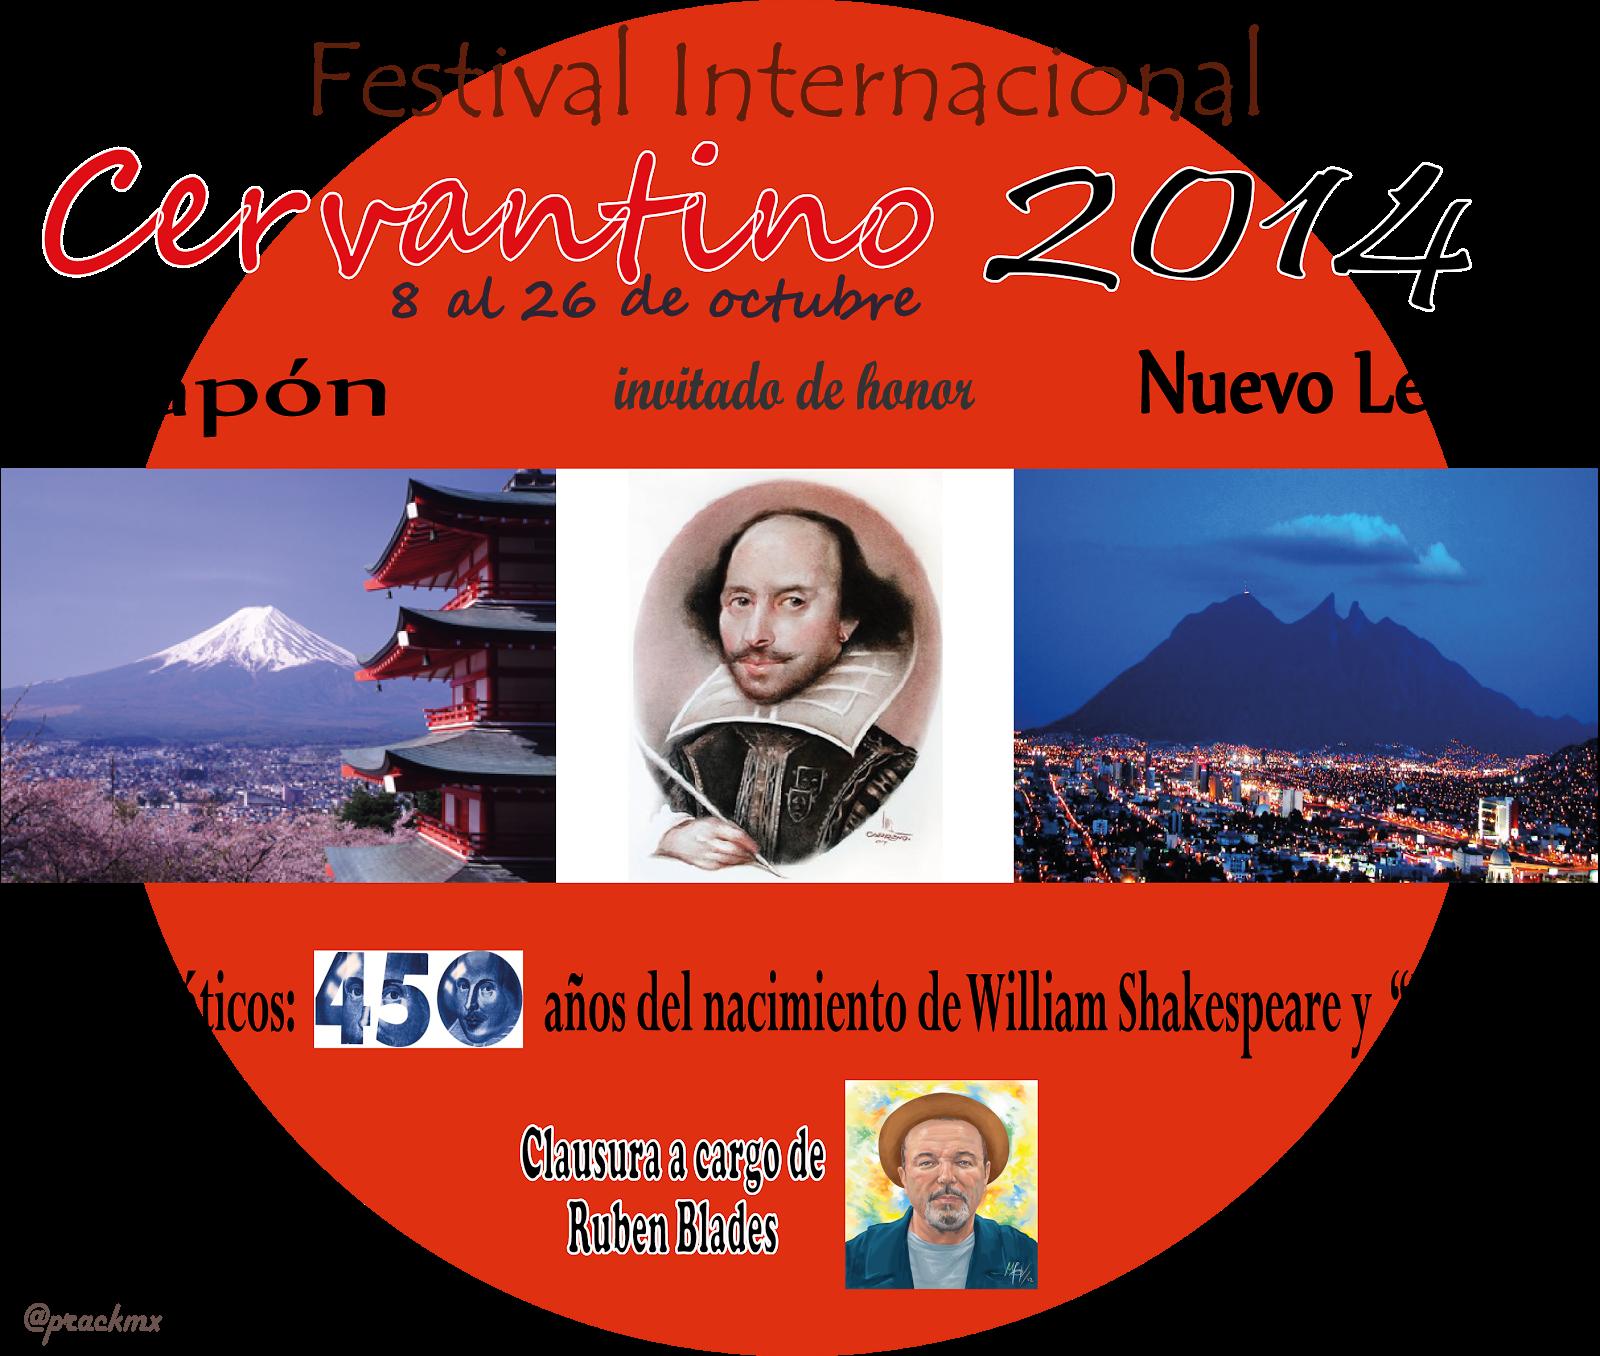 Festival Internacional Cervantino 2014